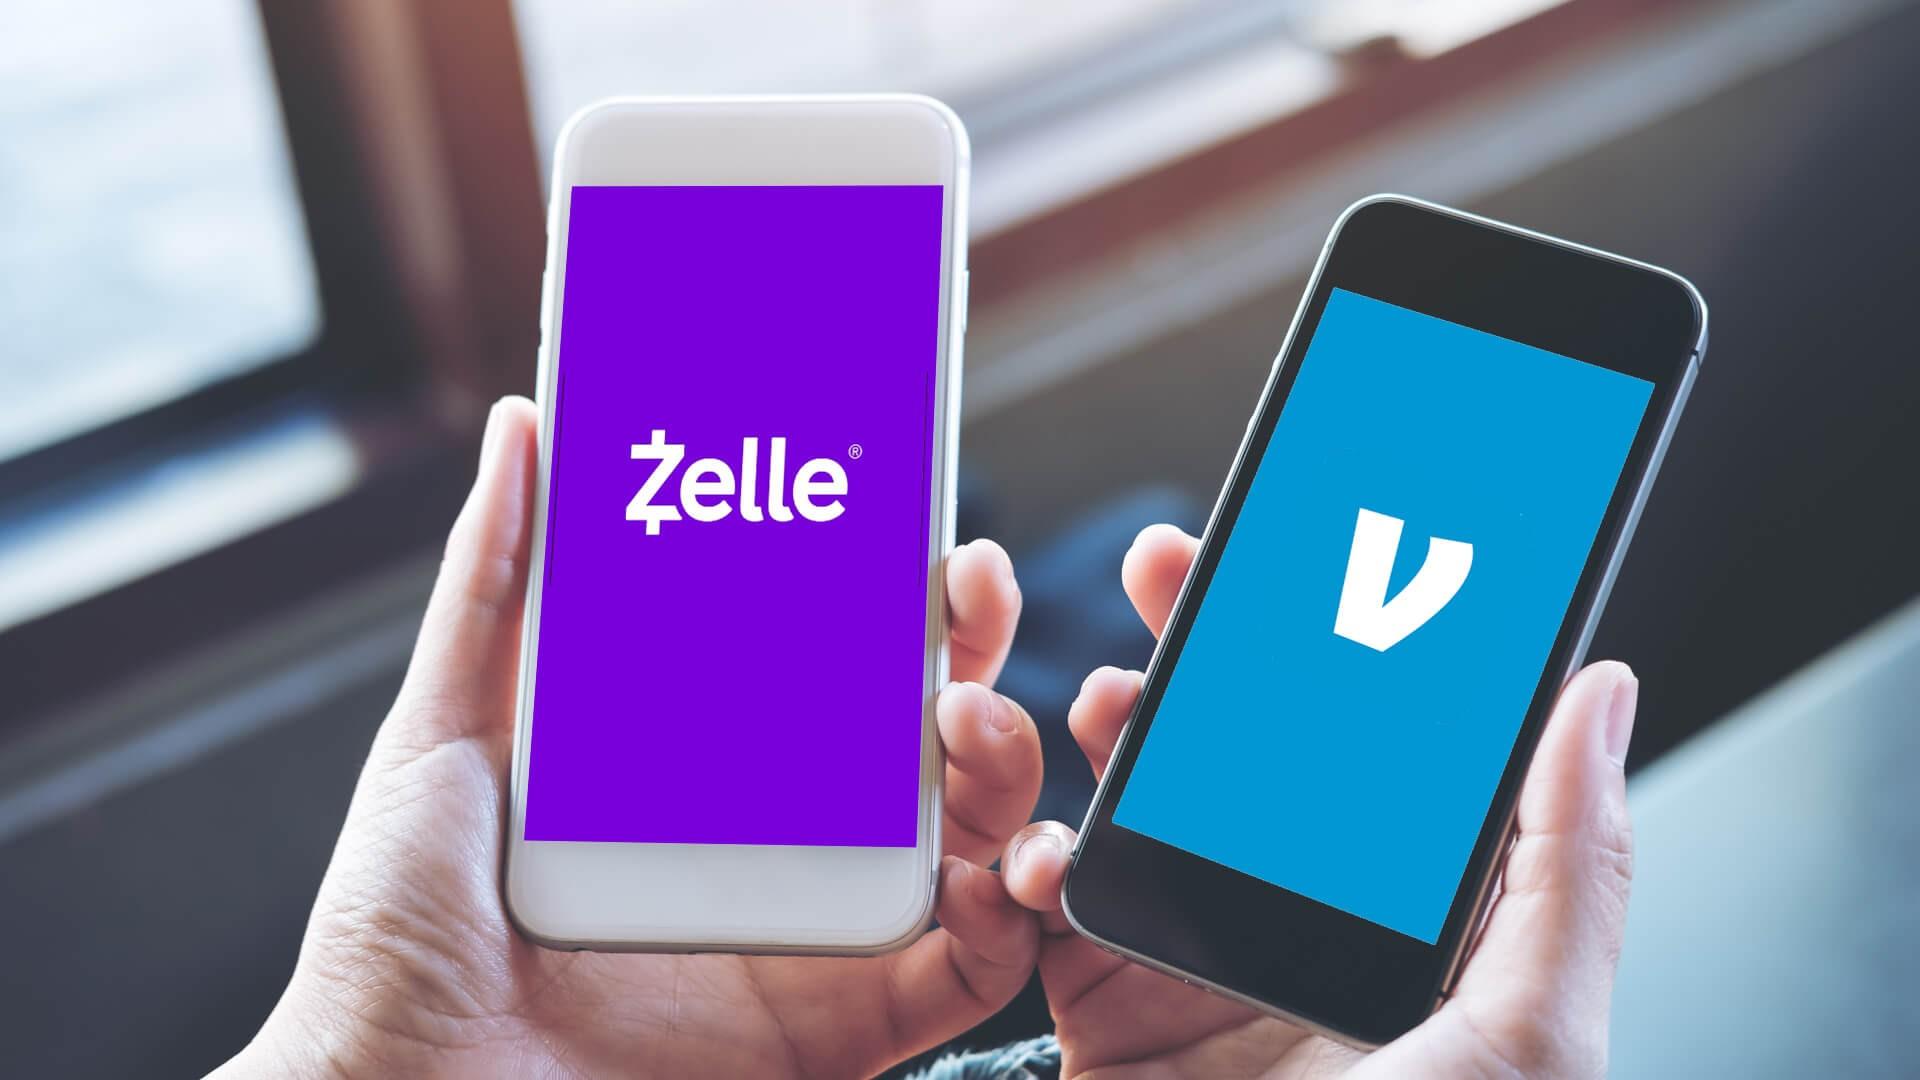 Zelle vs. Venmo apps on smartphone display screens